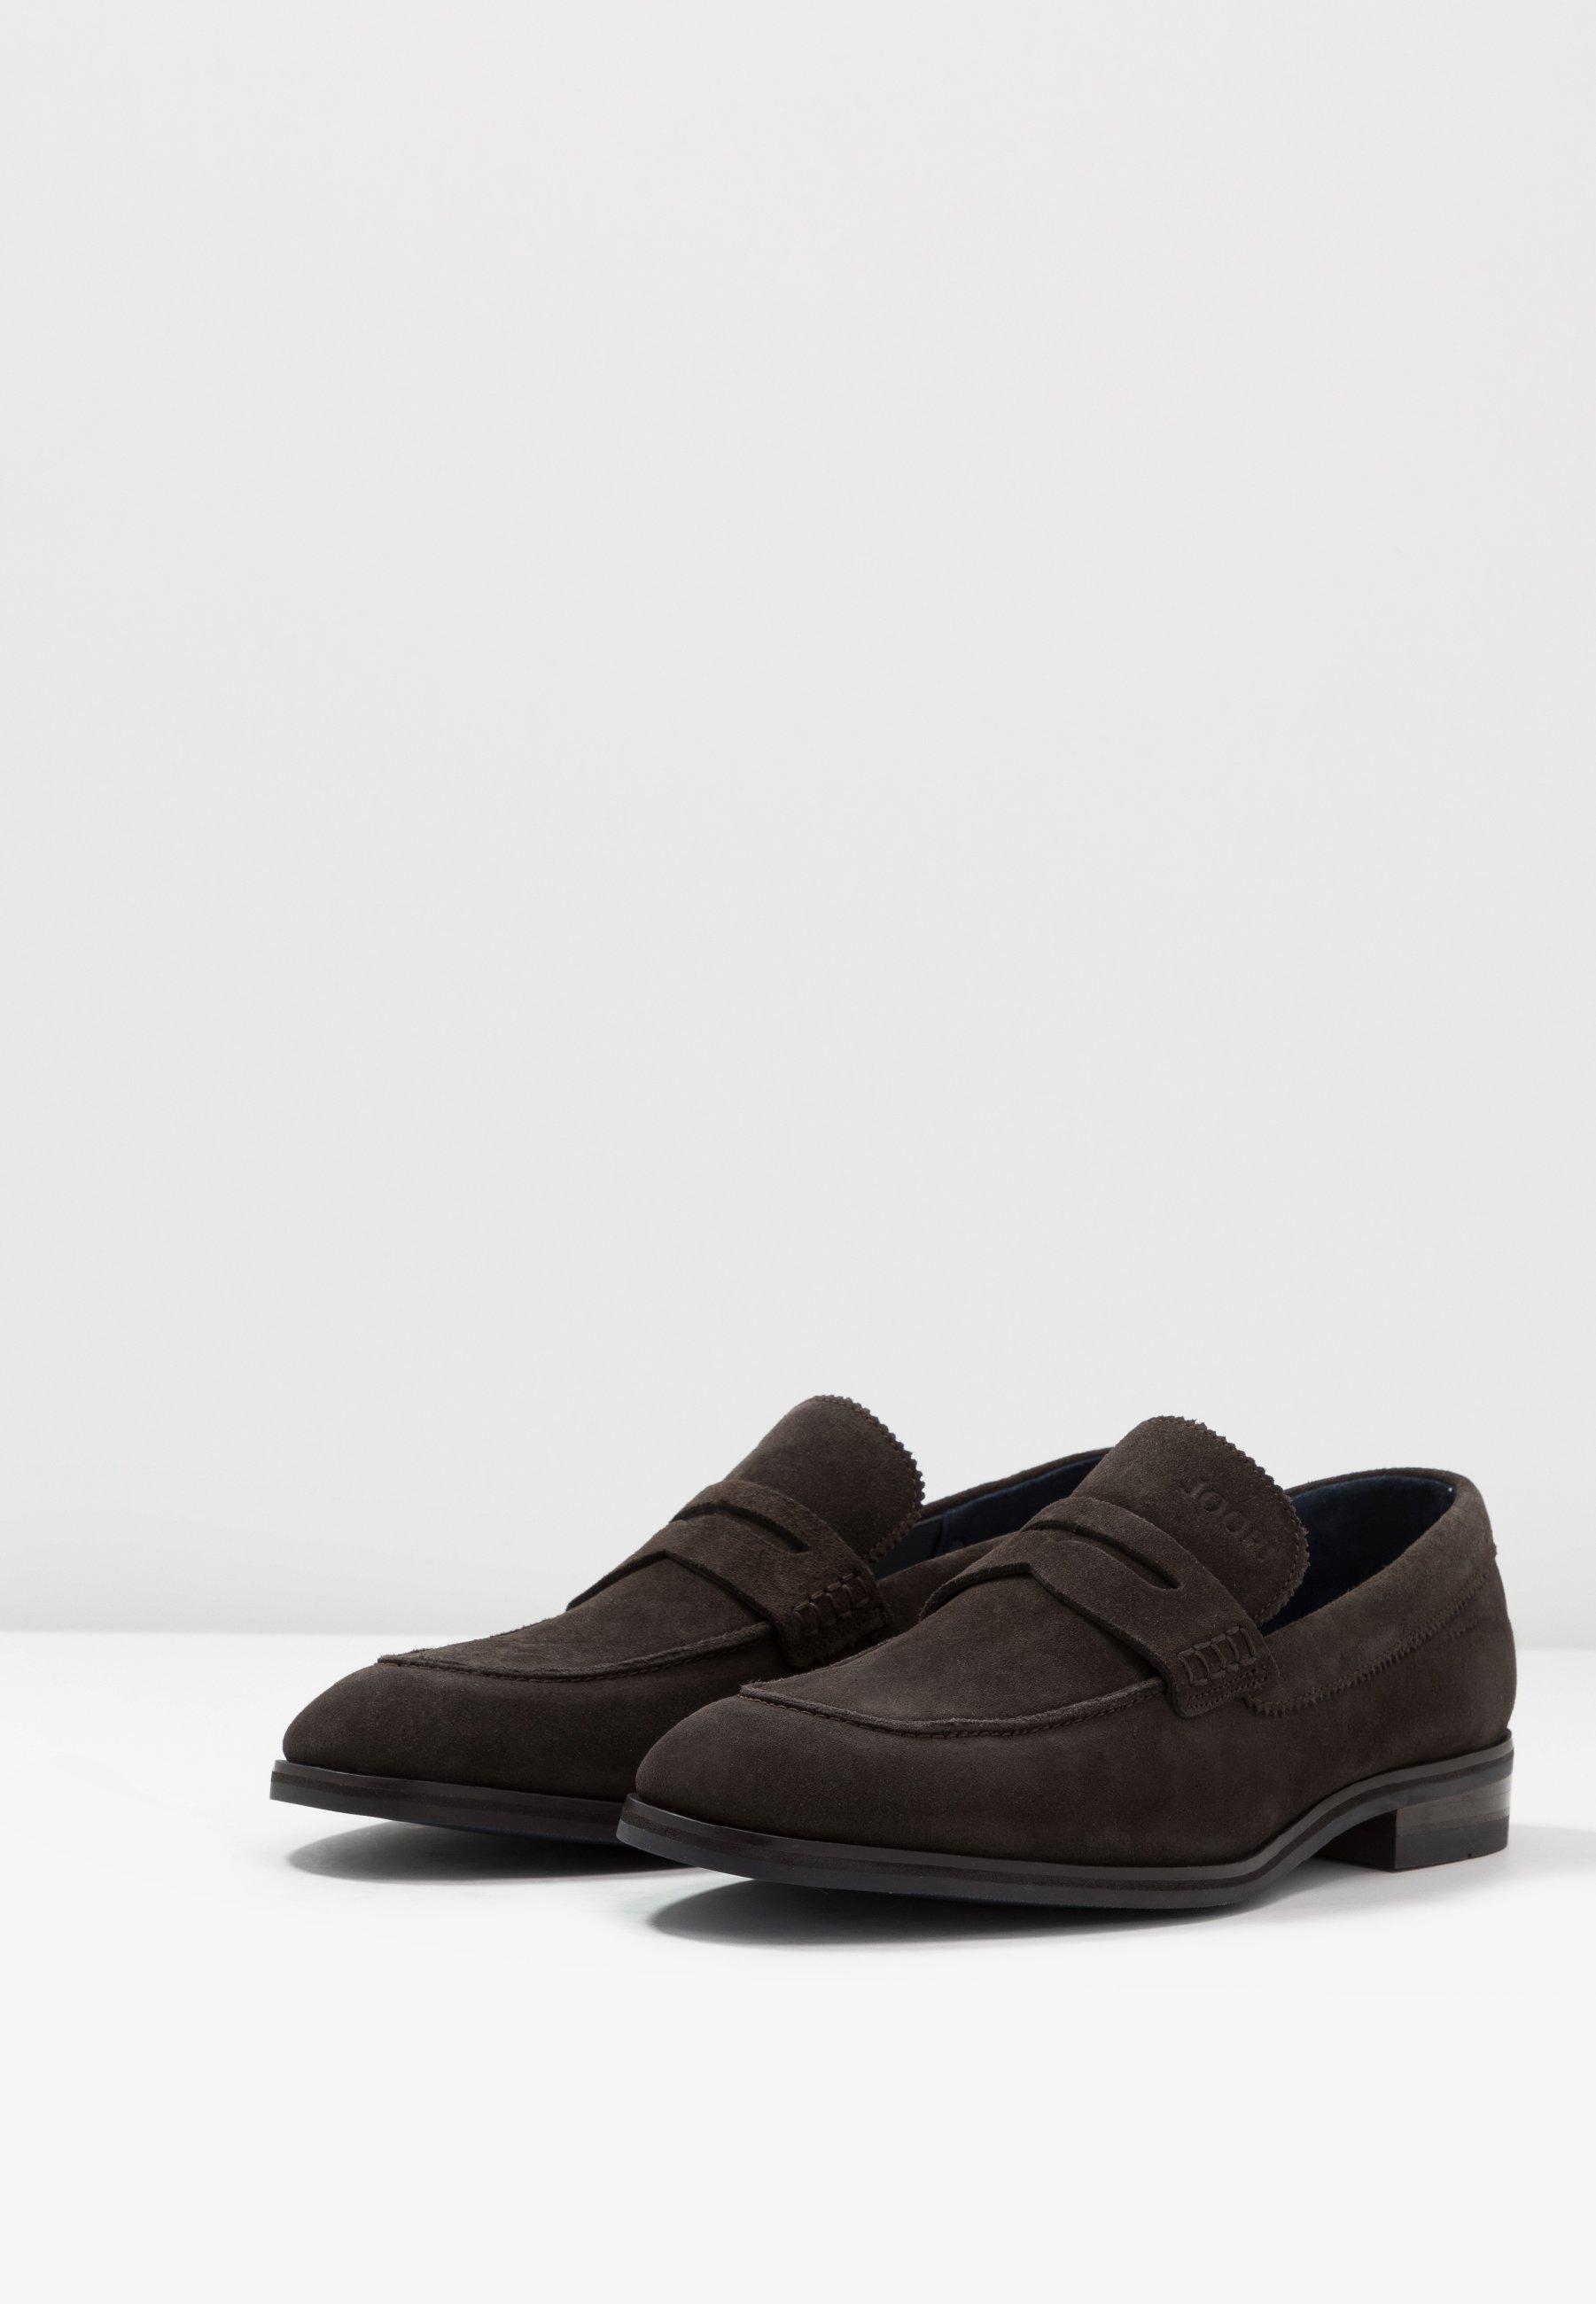 Joop! Kleitos Loafer - Slip-ins Dark Brown